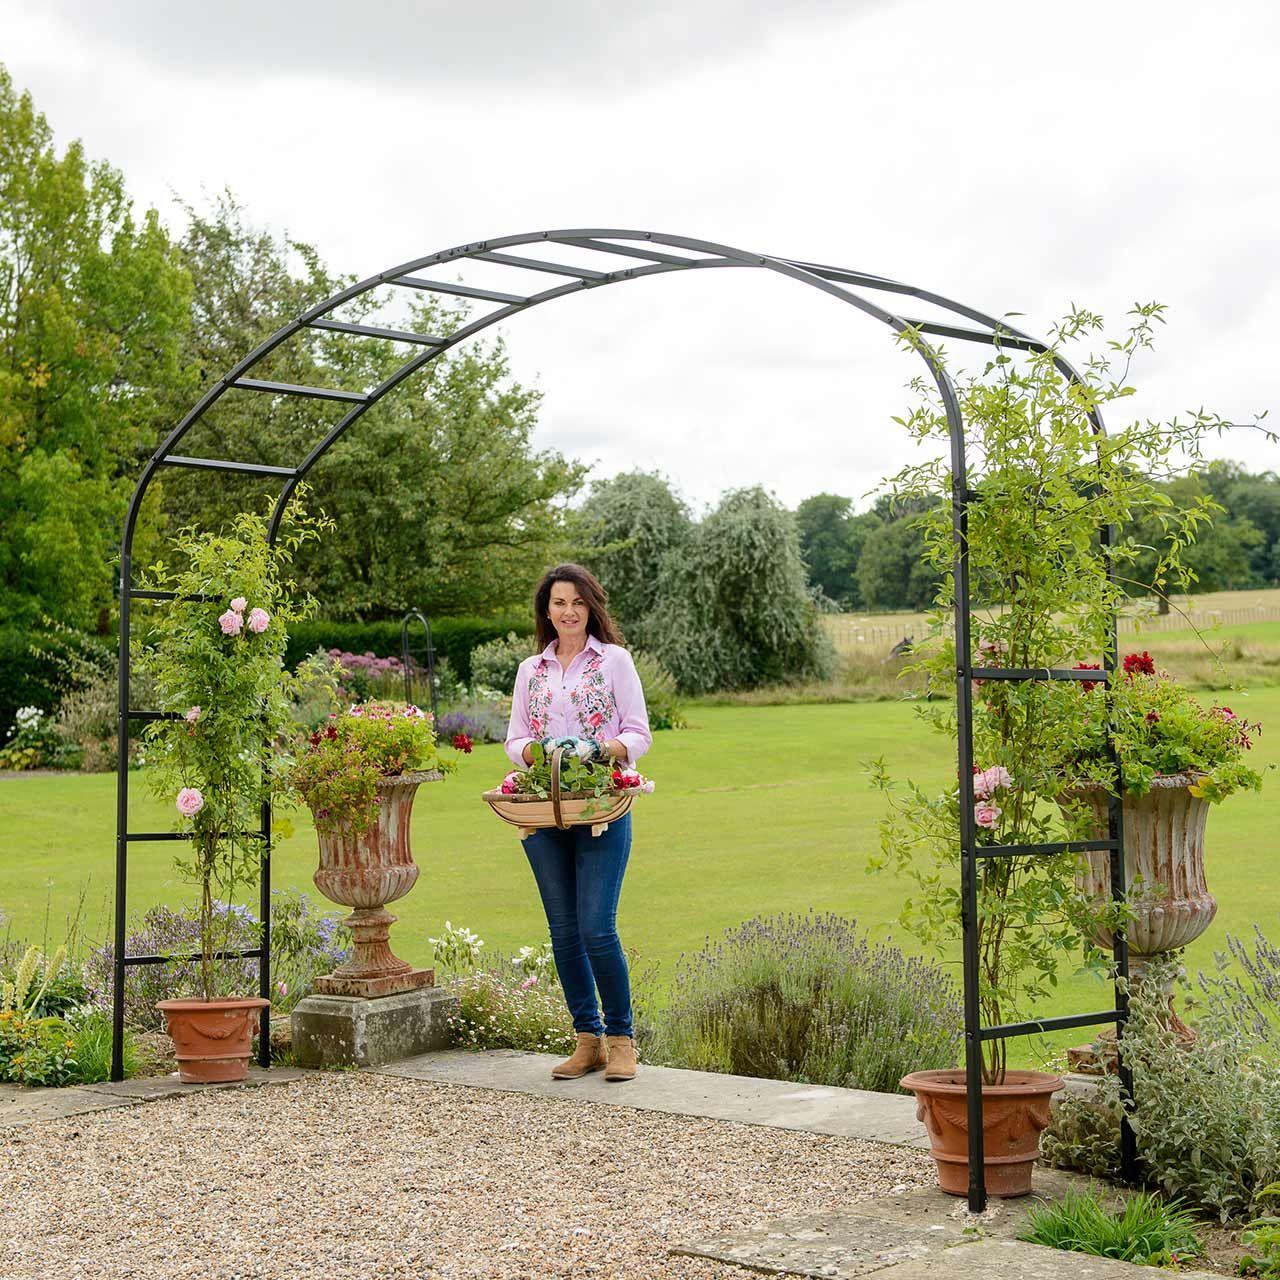 Umrankt Von Bunten Und Duftenden Kletterern Ist Der Ellipse Rosenbogen Ein Aussergewohnliches Gestaltungselement Fur Den Garten Rosenbogen Garten Bepflanzung